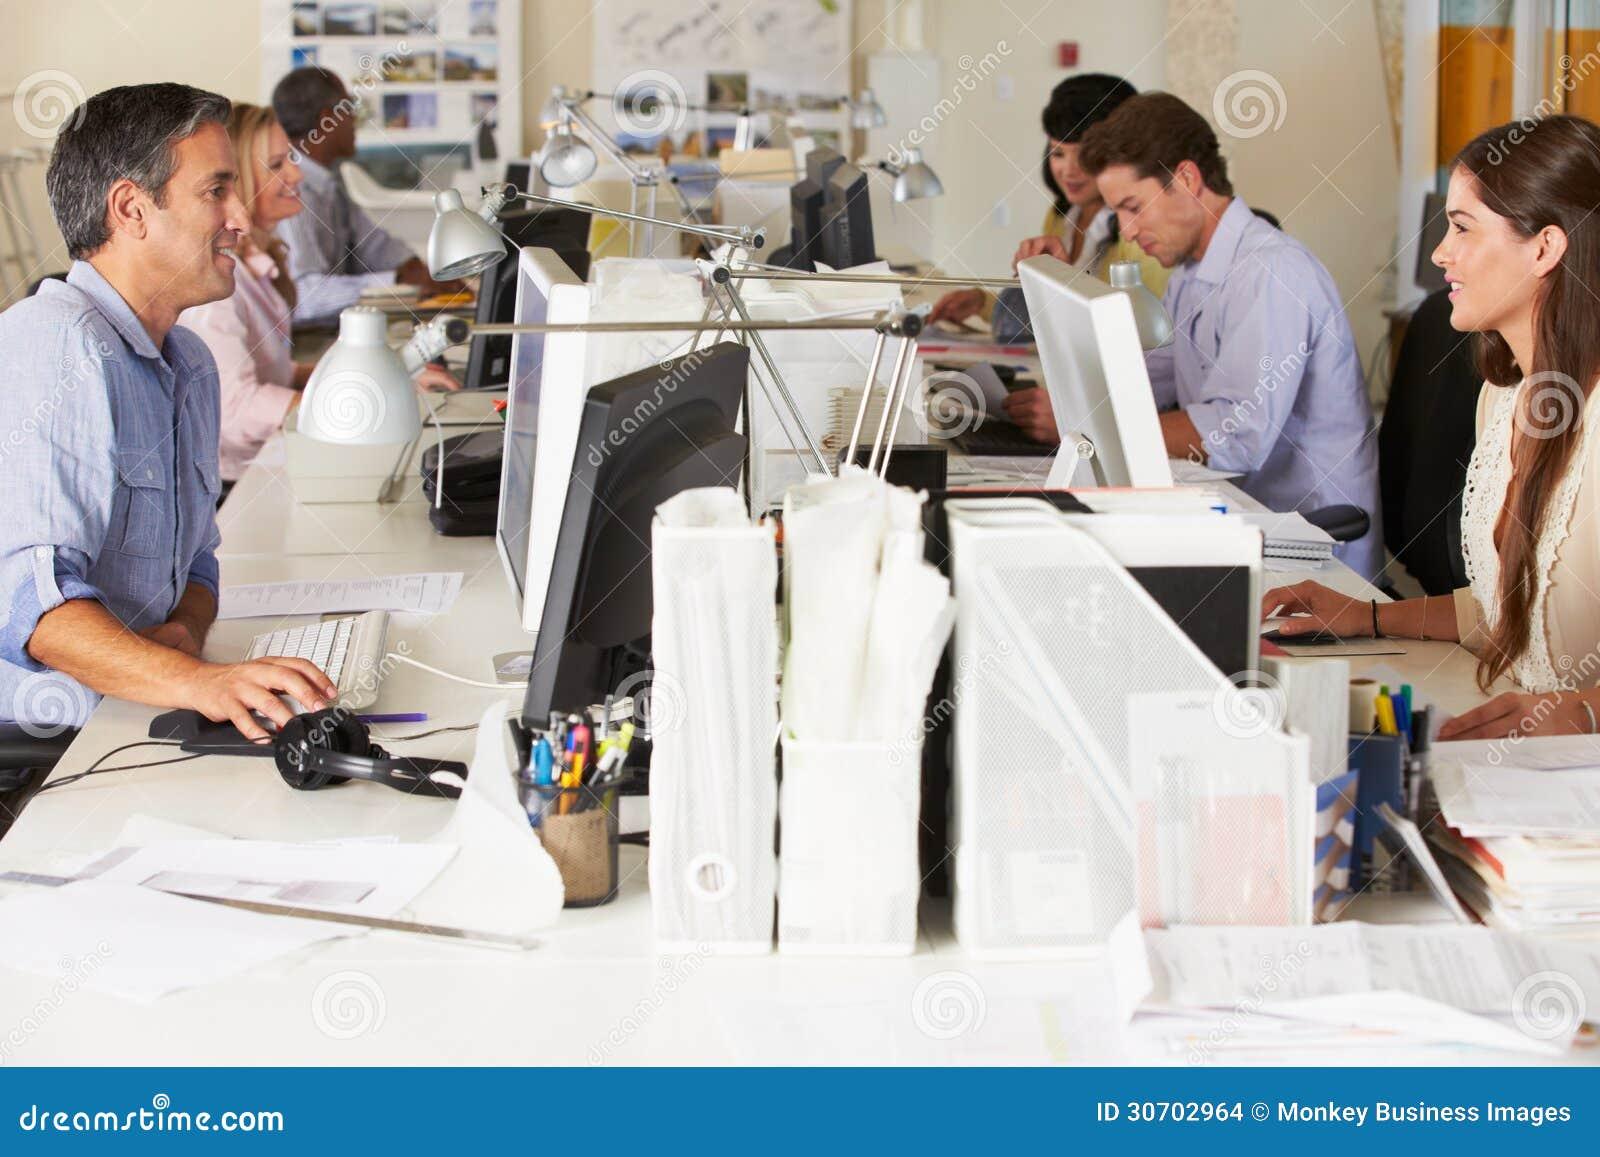 Het Bezige Bureau van Team Working At Desks In